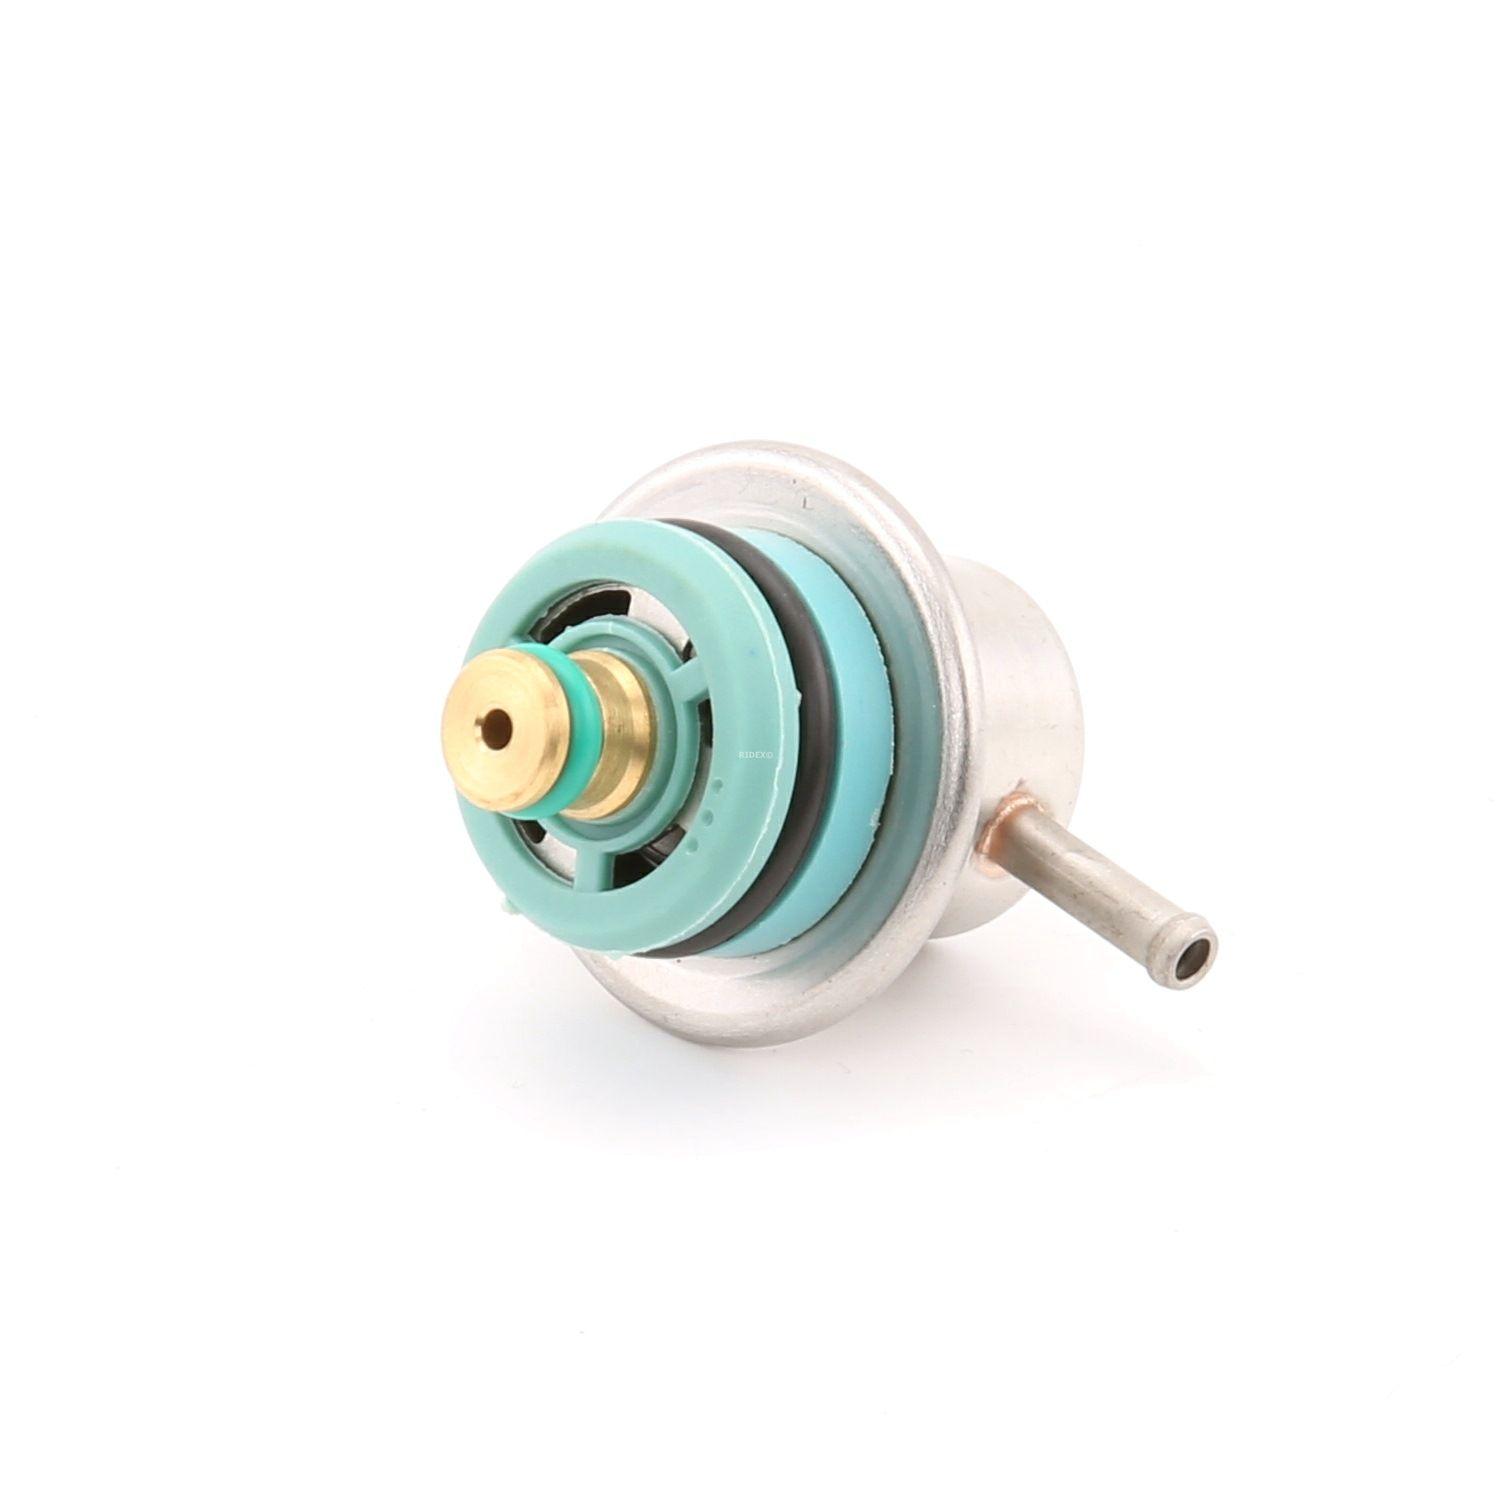 Achetez Capteurs, relais, unités de commande RIDEX 168C0003 () à un rapport qualité-prix exceptionnel